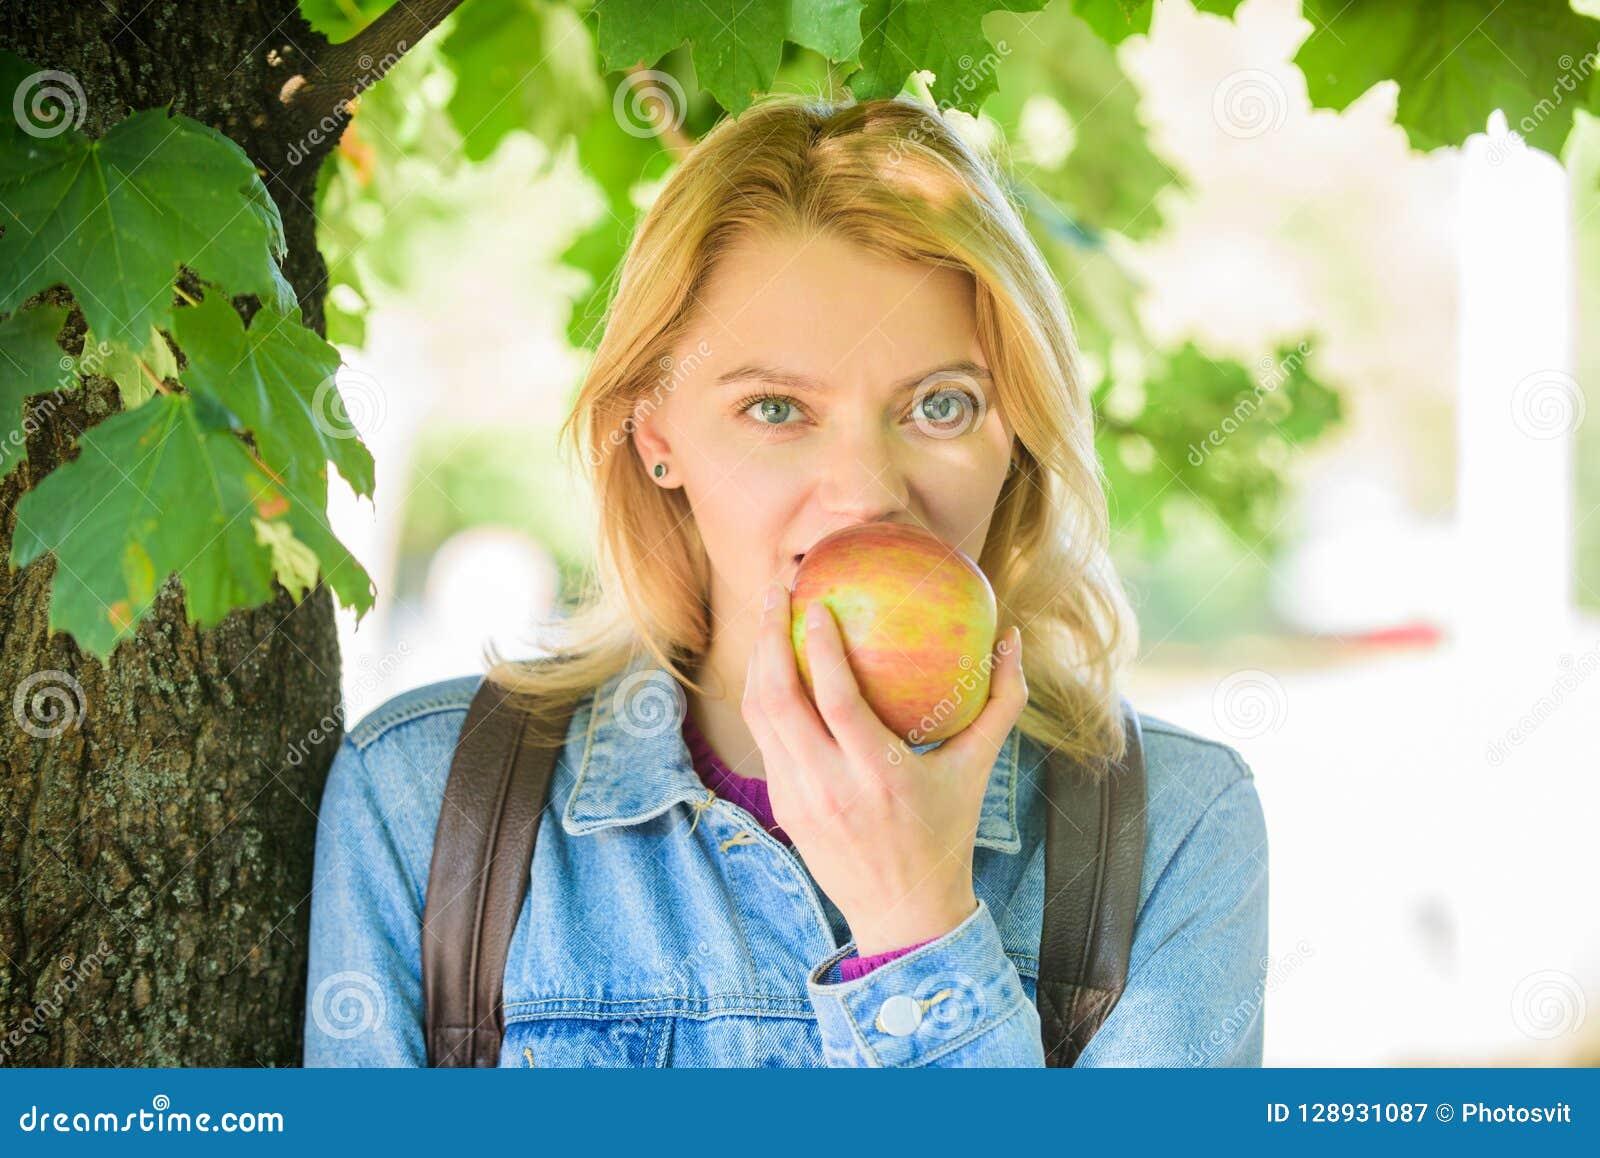 Tagandeminut som ska kopplas av Avbrott för mellanmål Studenten äter defocused bakgrund för äpplefruktnaturen sunt mellanmål Flic